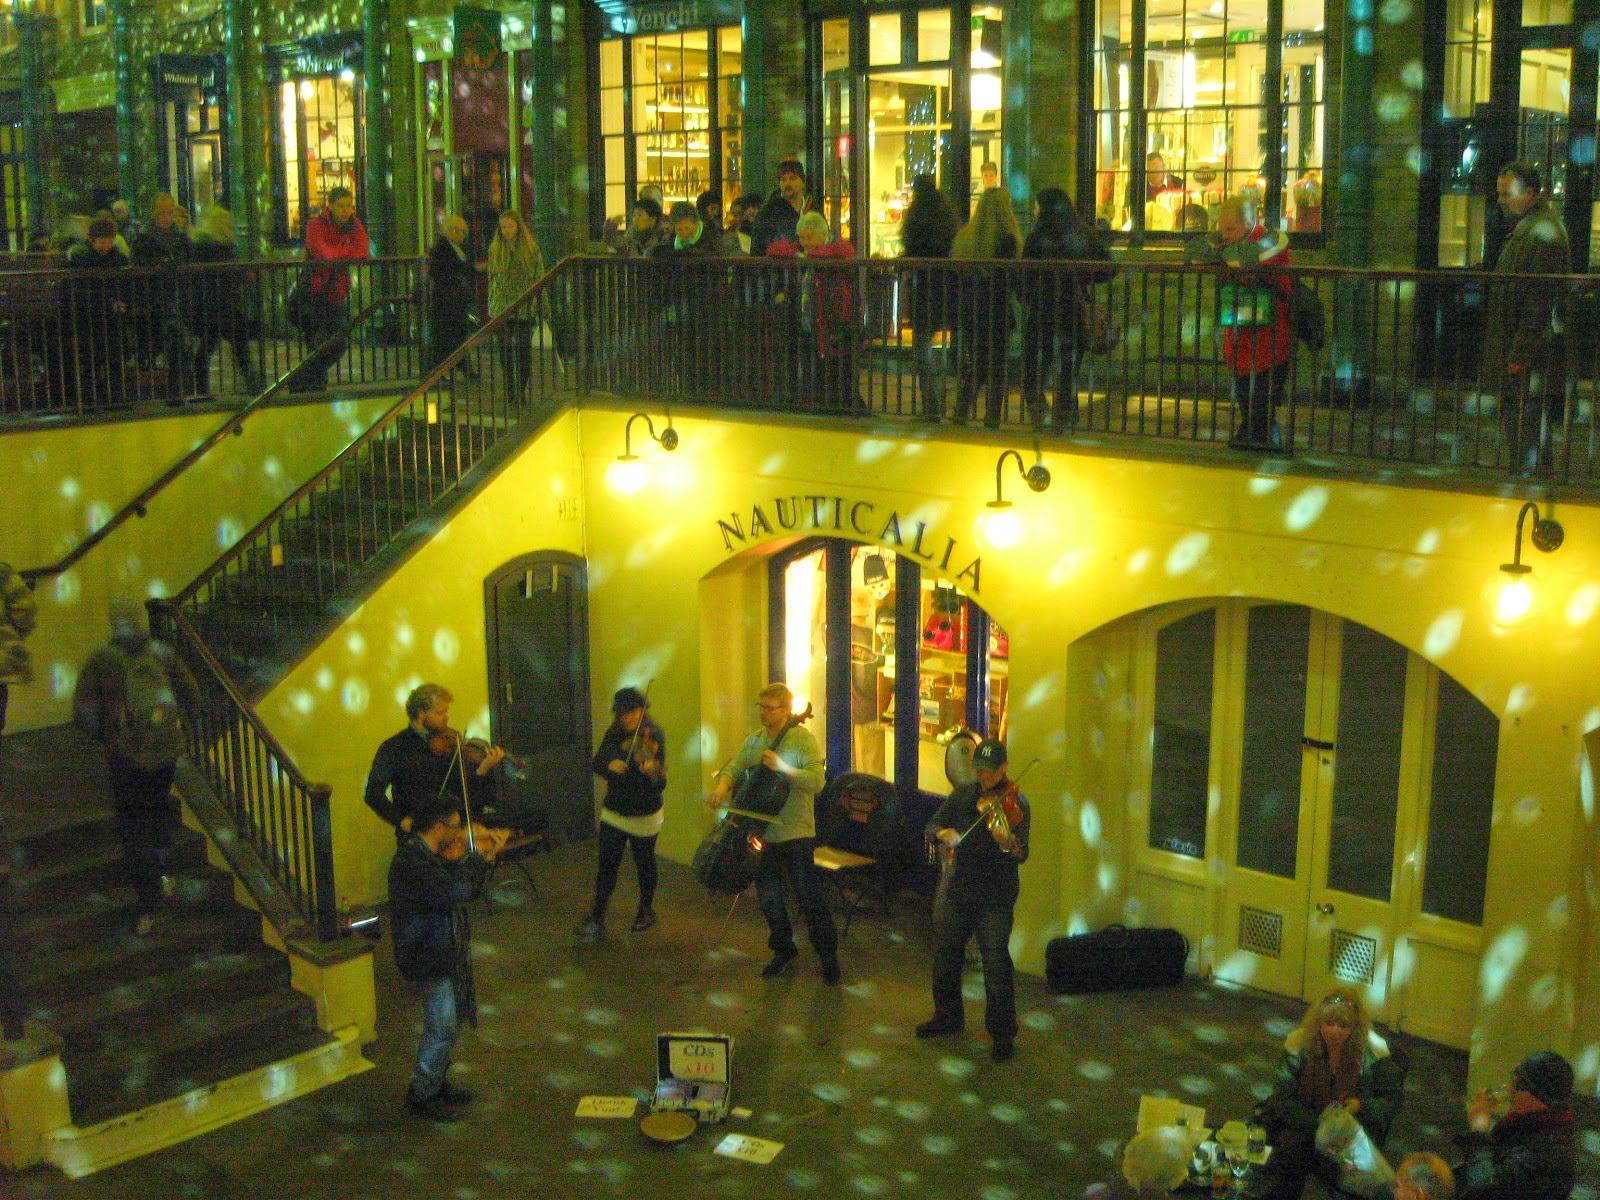 Actuación musical en Covent Garden